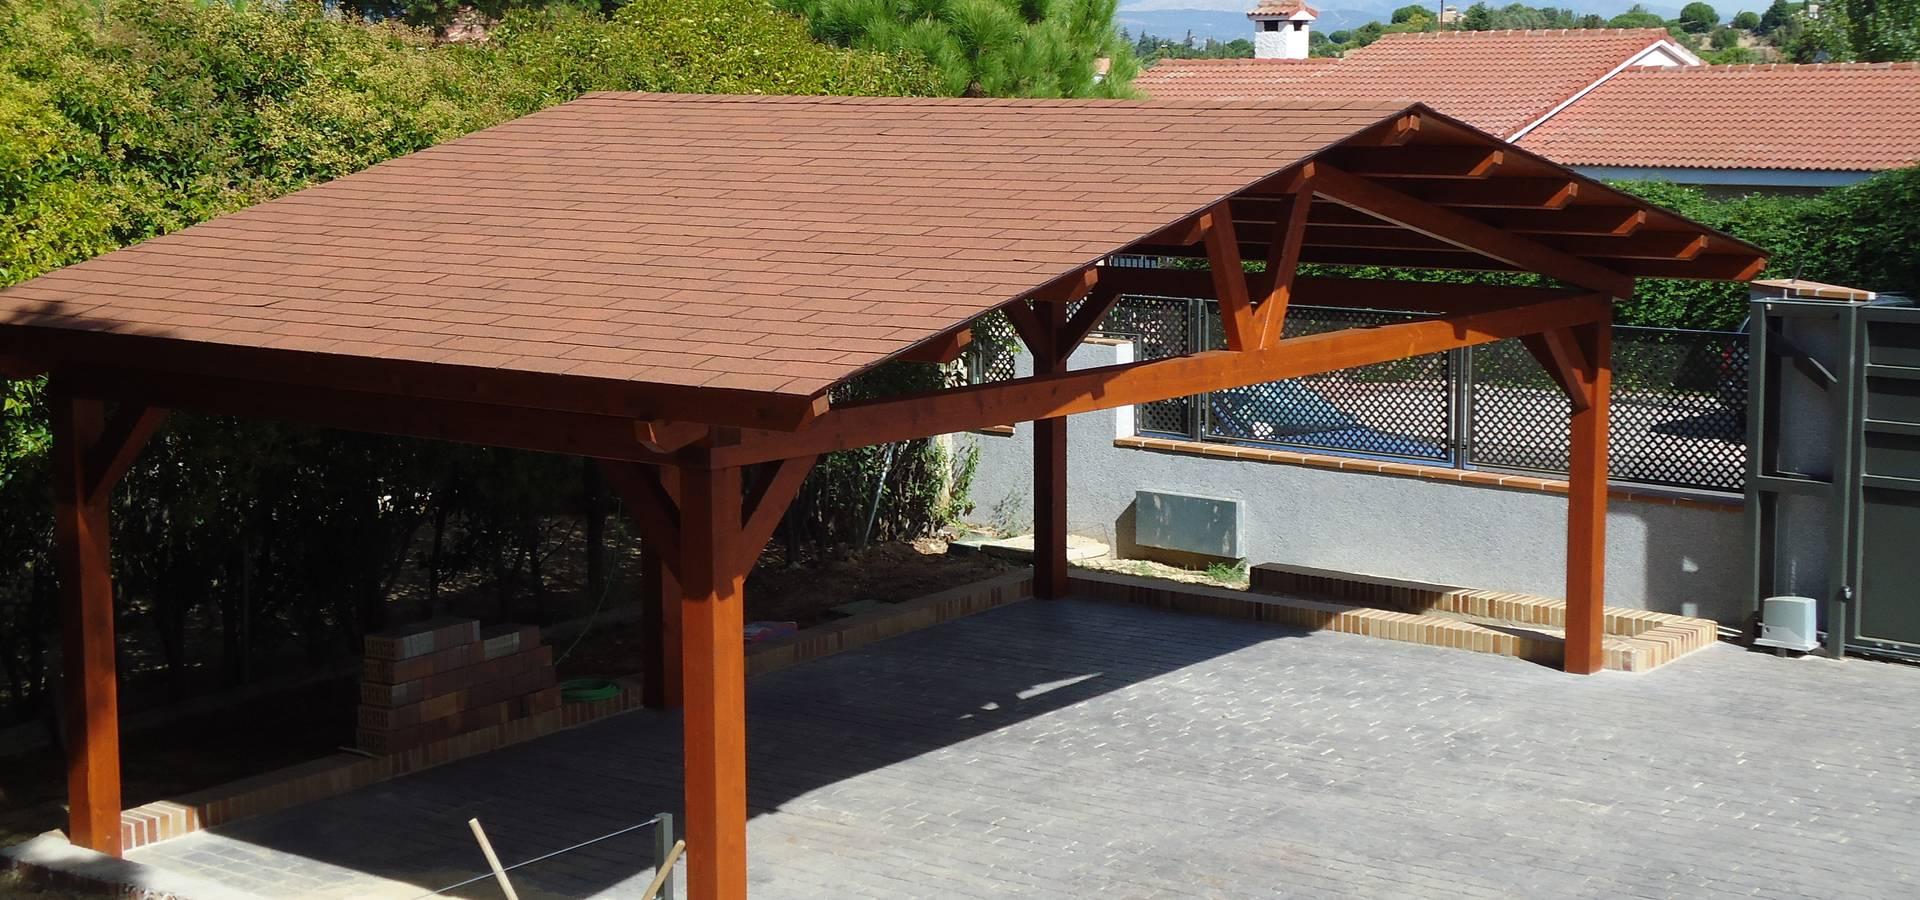 Pergomadera p rgolas y porches de madera terrazas patios - Construccion de porche de madera ...